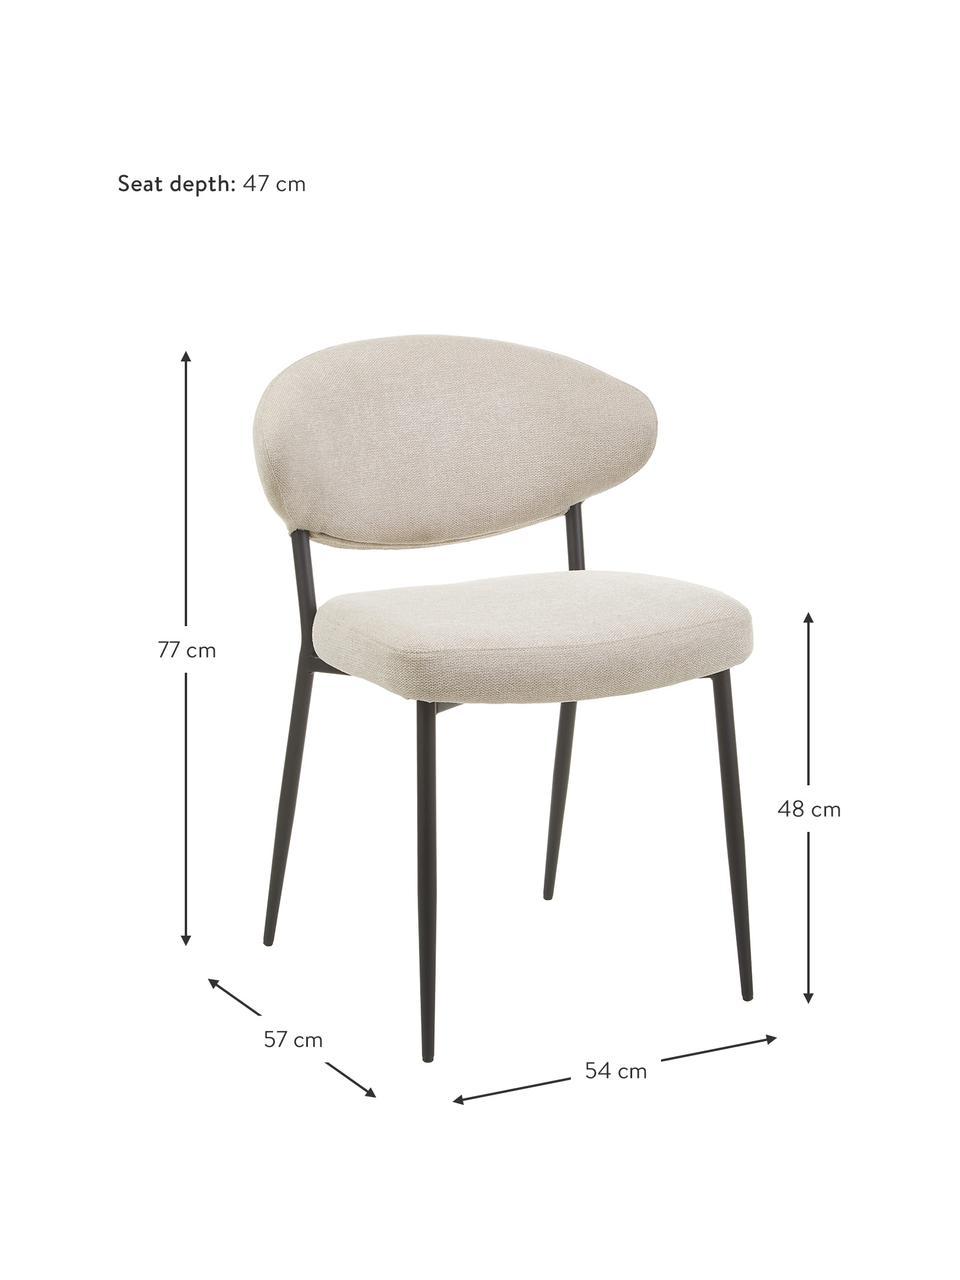 Krzesło tapicerowane Adele, 2 szt., Stelaż: metal malowany proszkowo, Beżowy, S 54 x G 57 cm